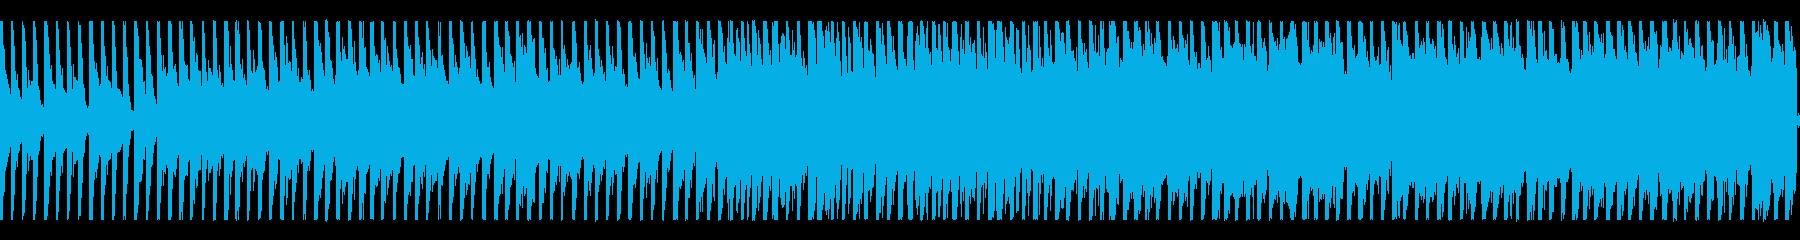 怪しい雰囲気の4つ打ちピアノナンバーの再生済みの波形